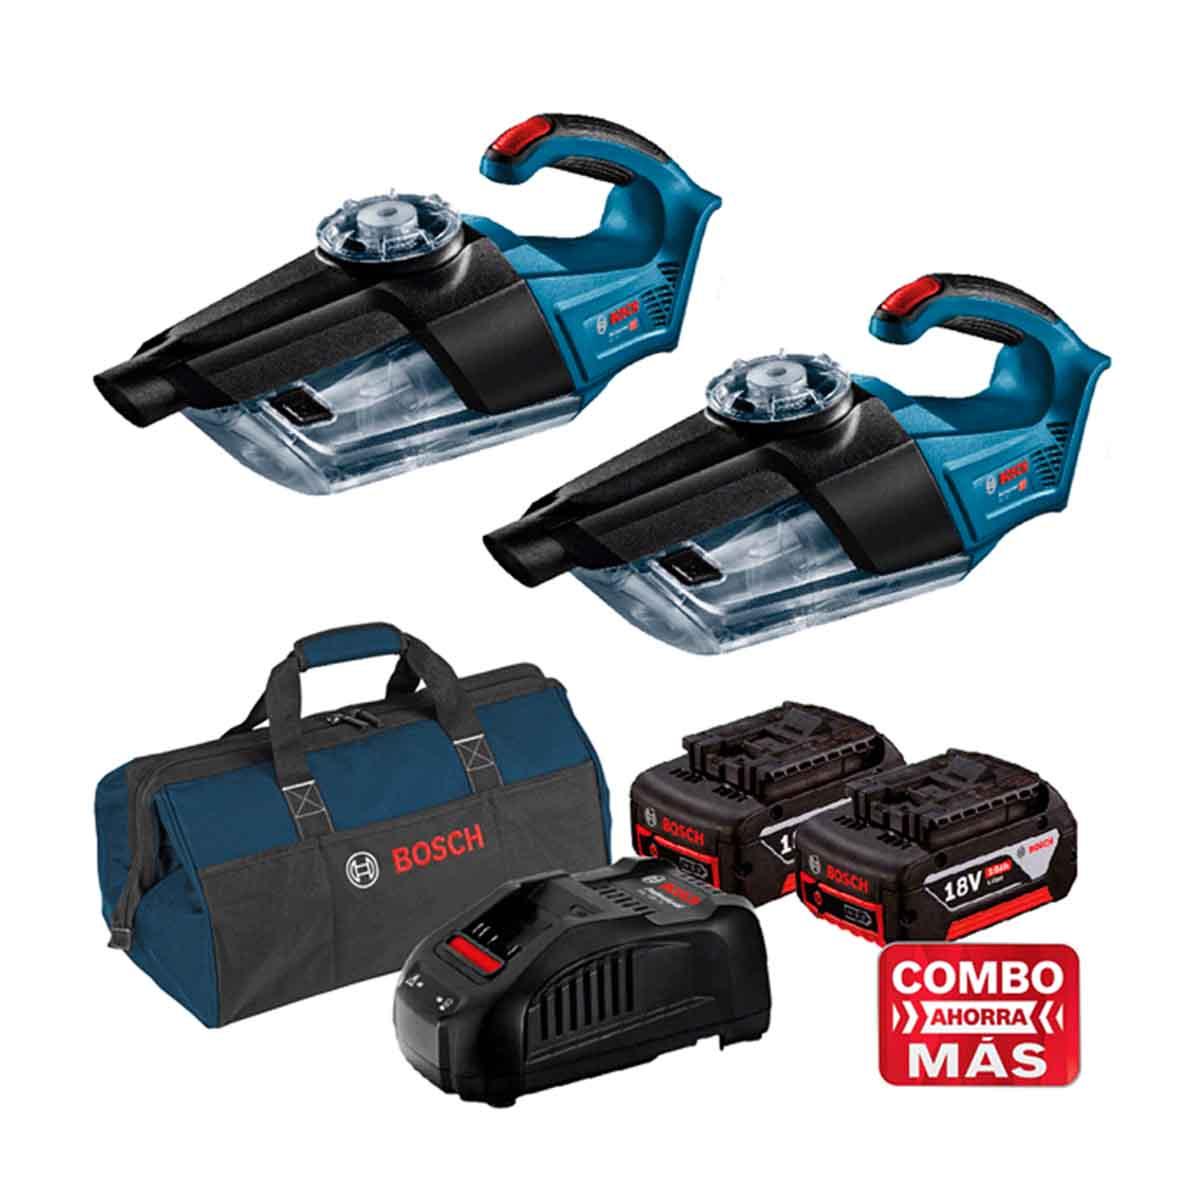 Aspiradora 18V 2 Pzs +2 Baterias + Cargador + Maleta Bosch